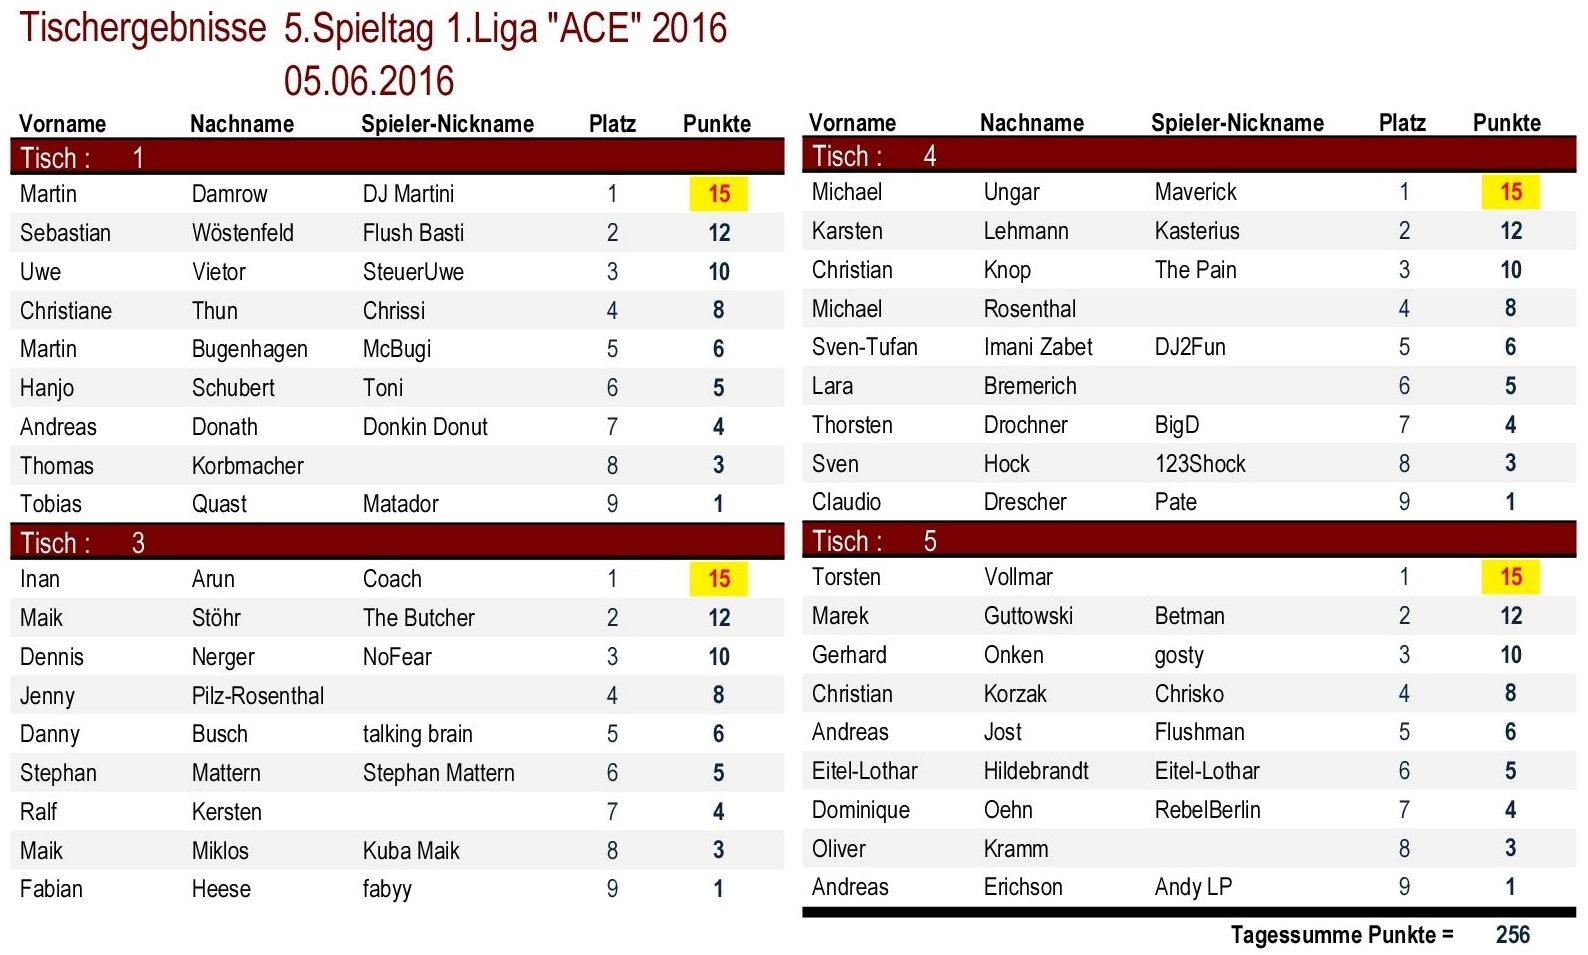 Tischergebnisse 1.Liga `ACE` 5.Spieltag 2016